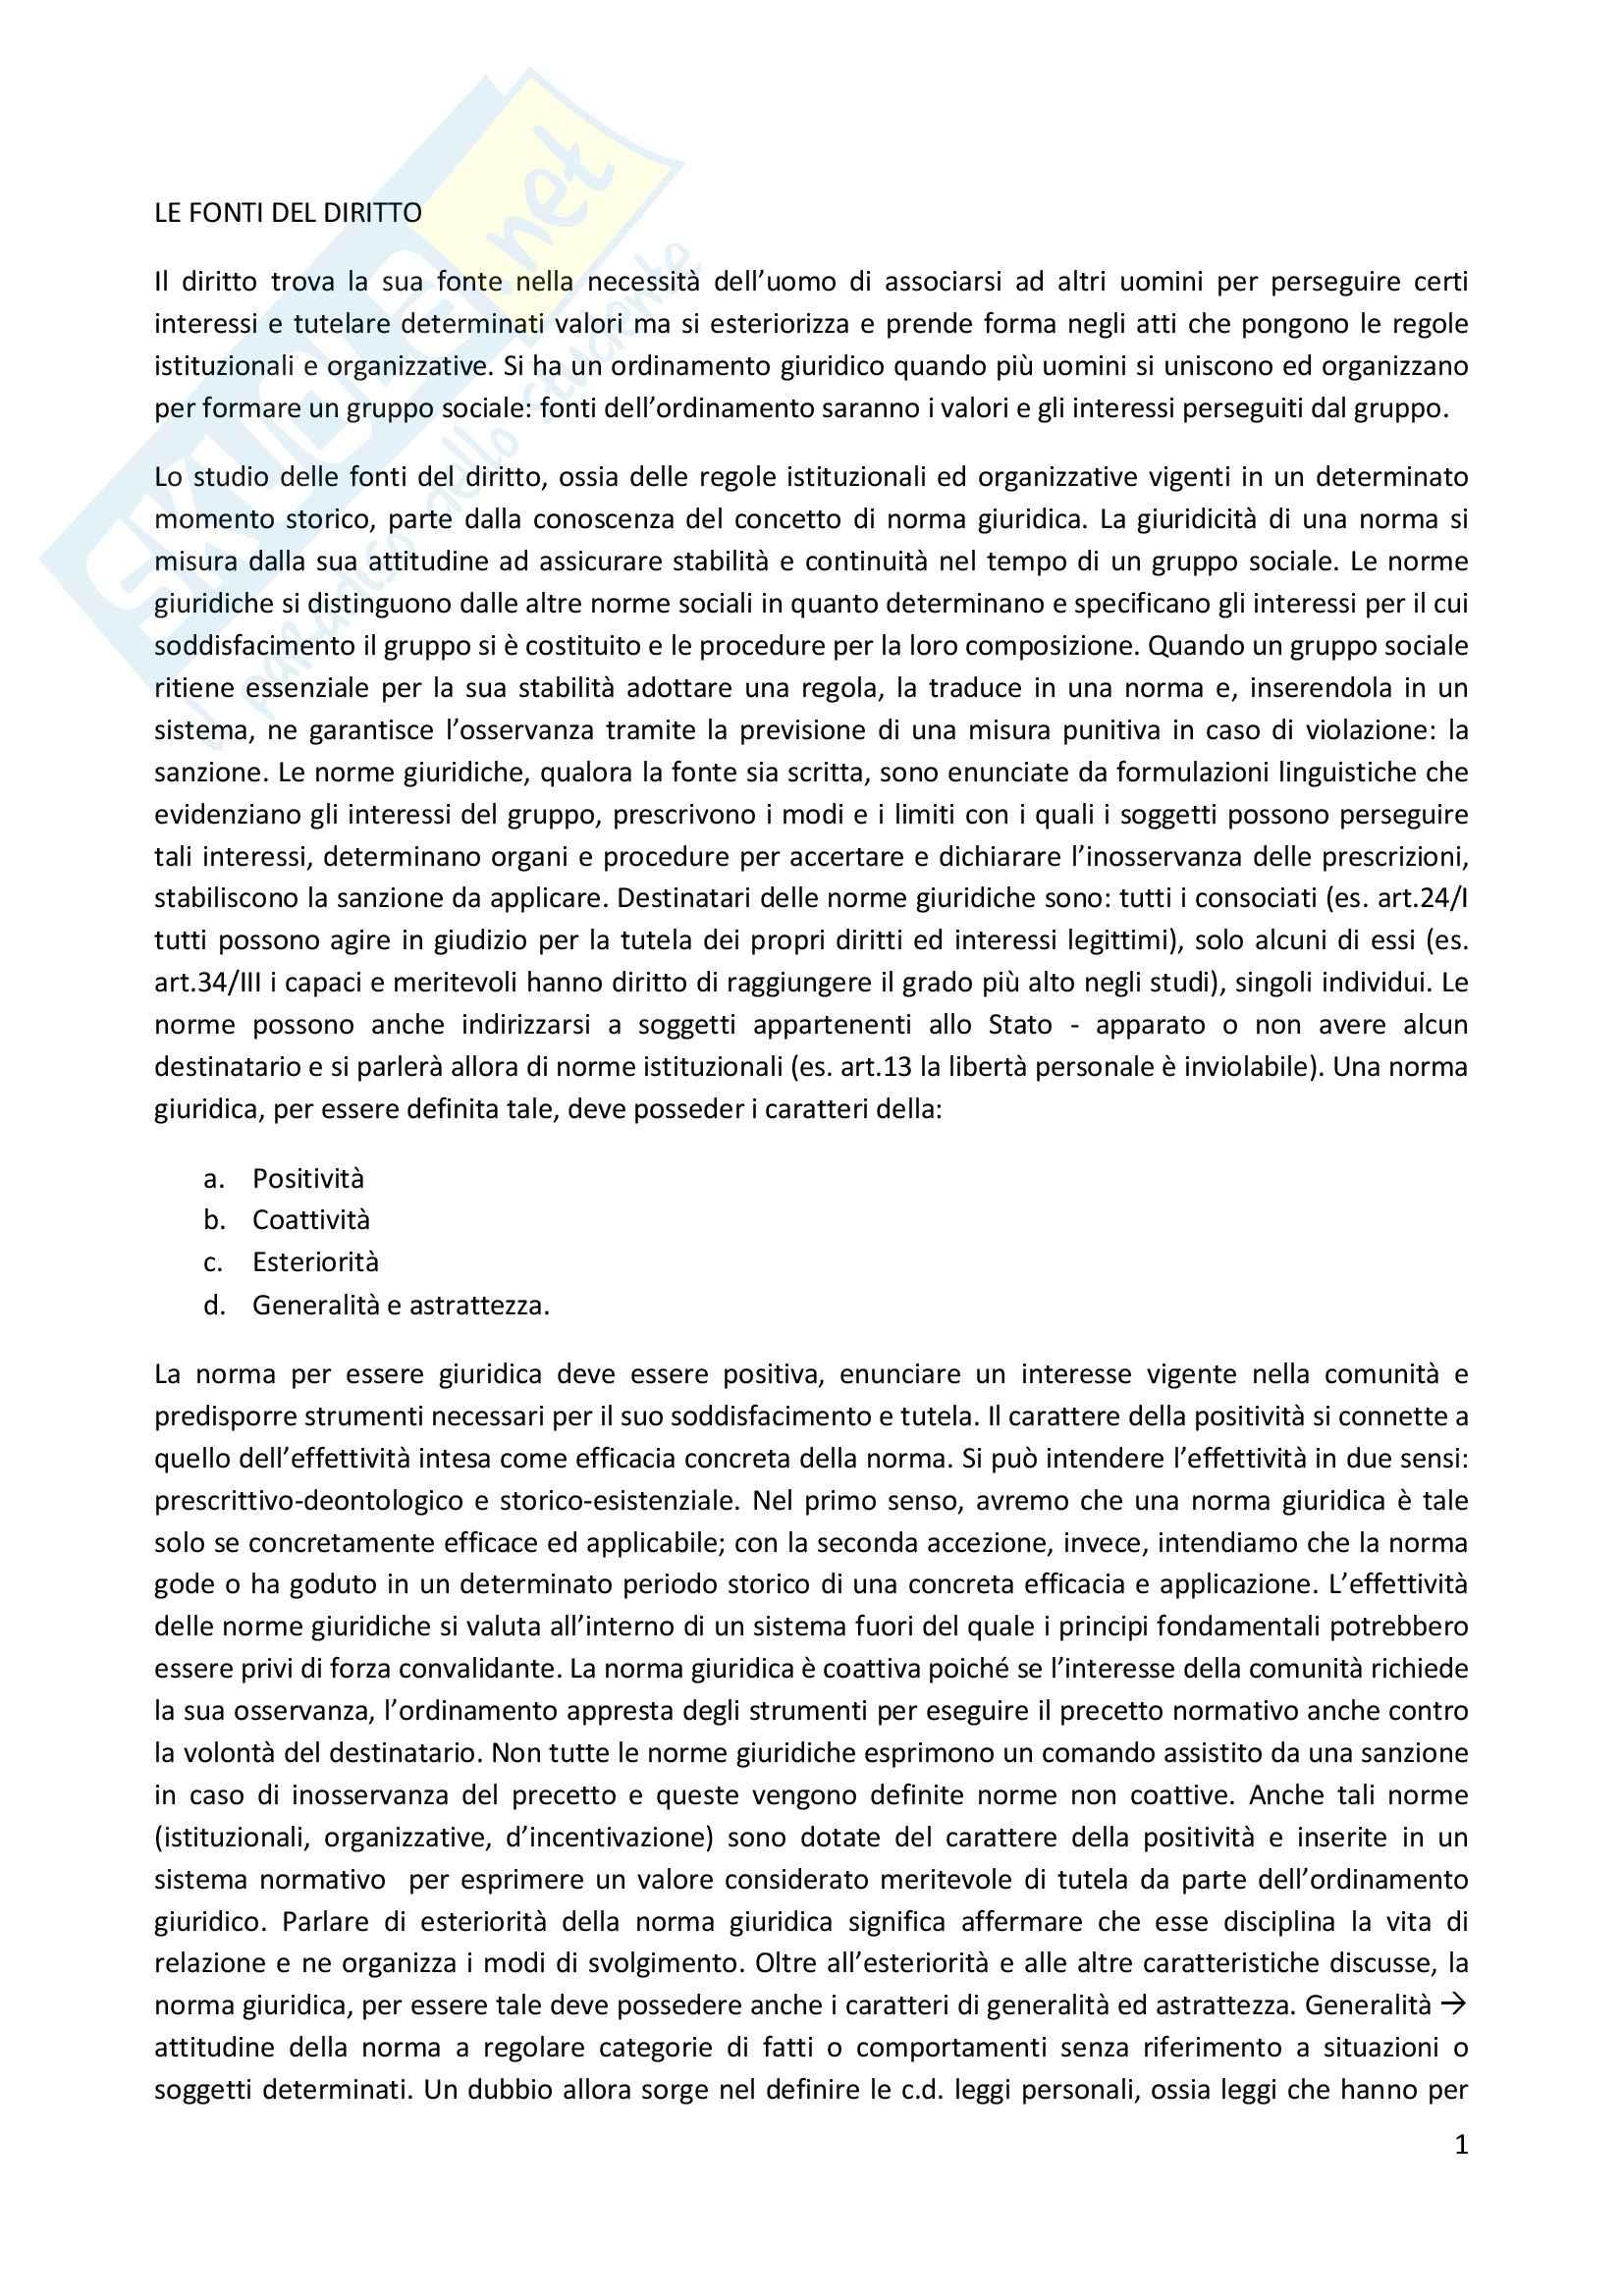 Diritto Costituzionale, Temistocle Martines - Le fonti